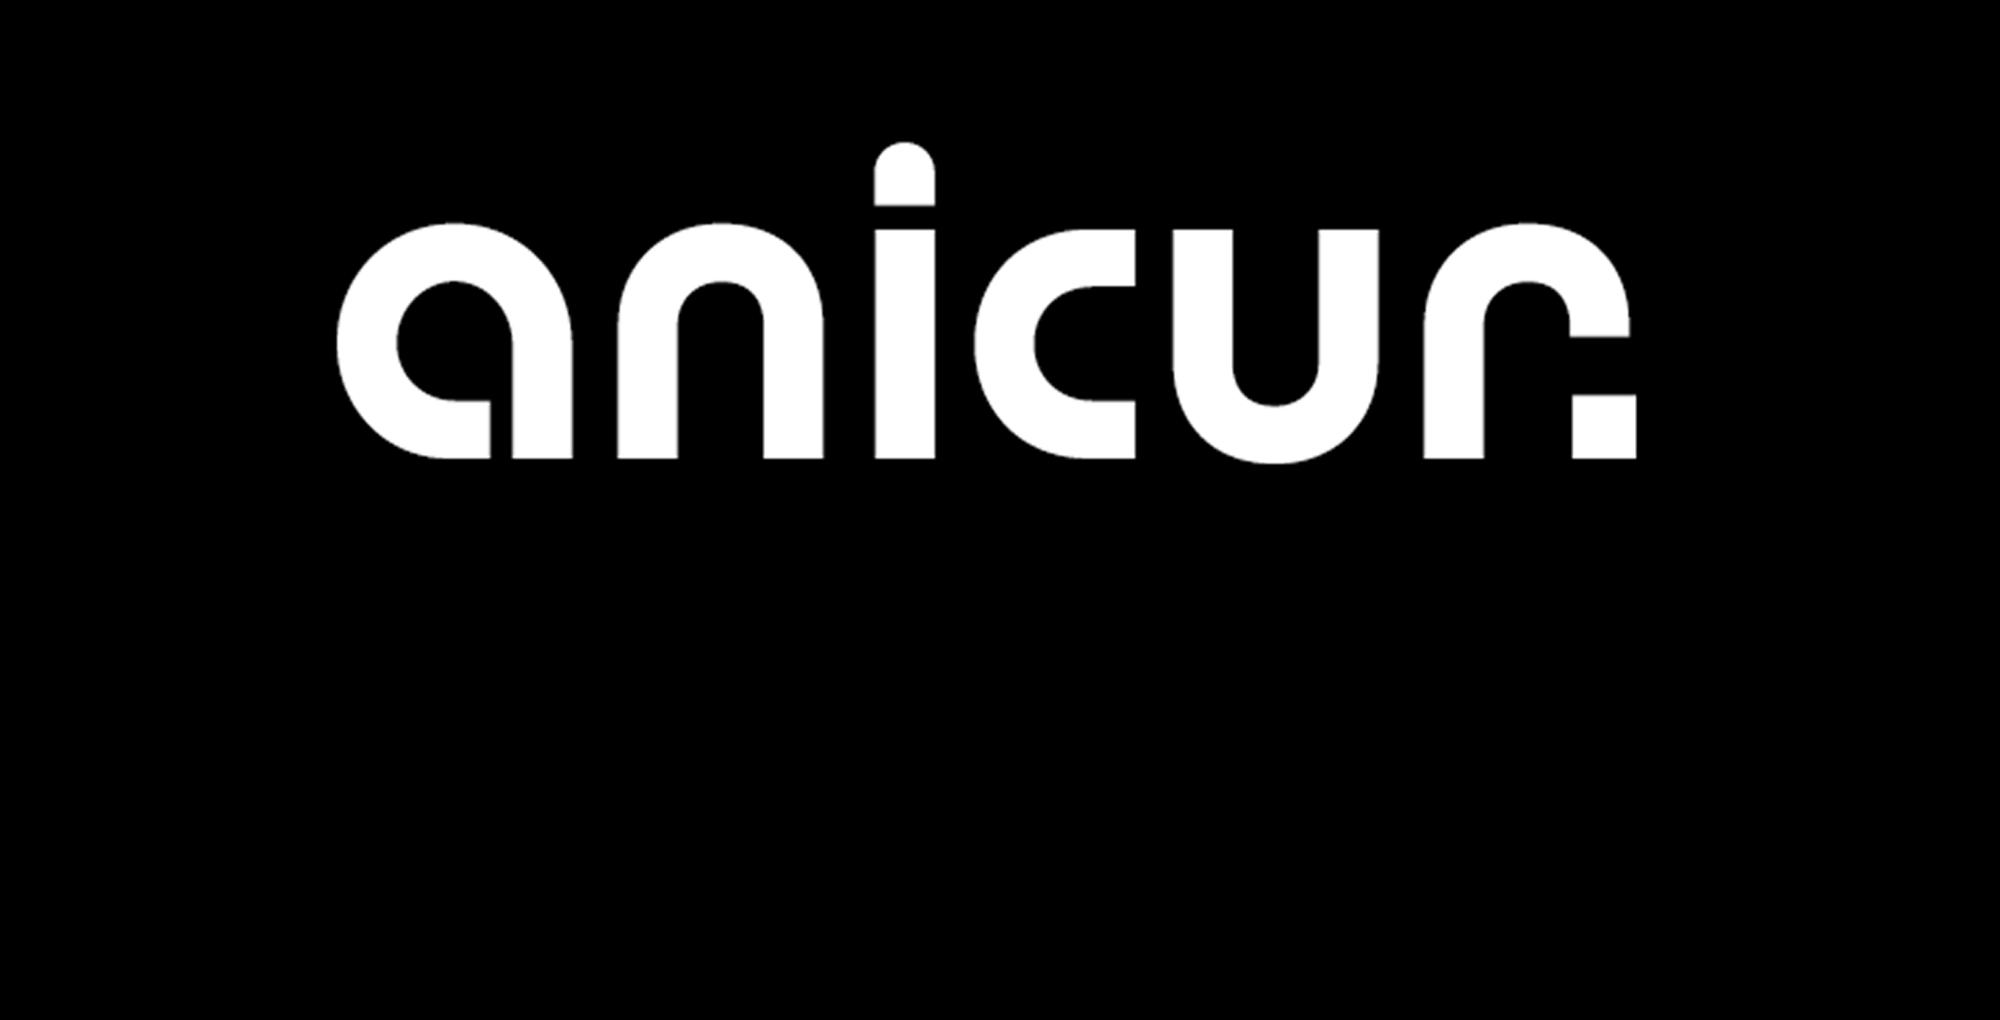 Anicur